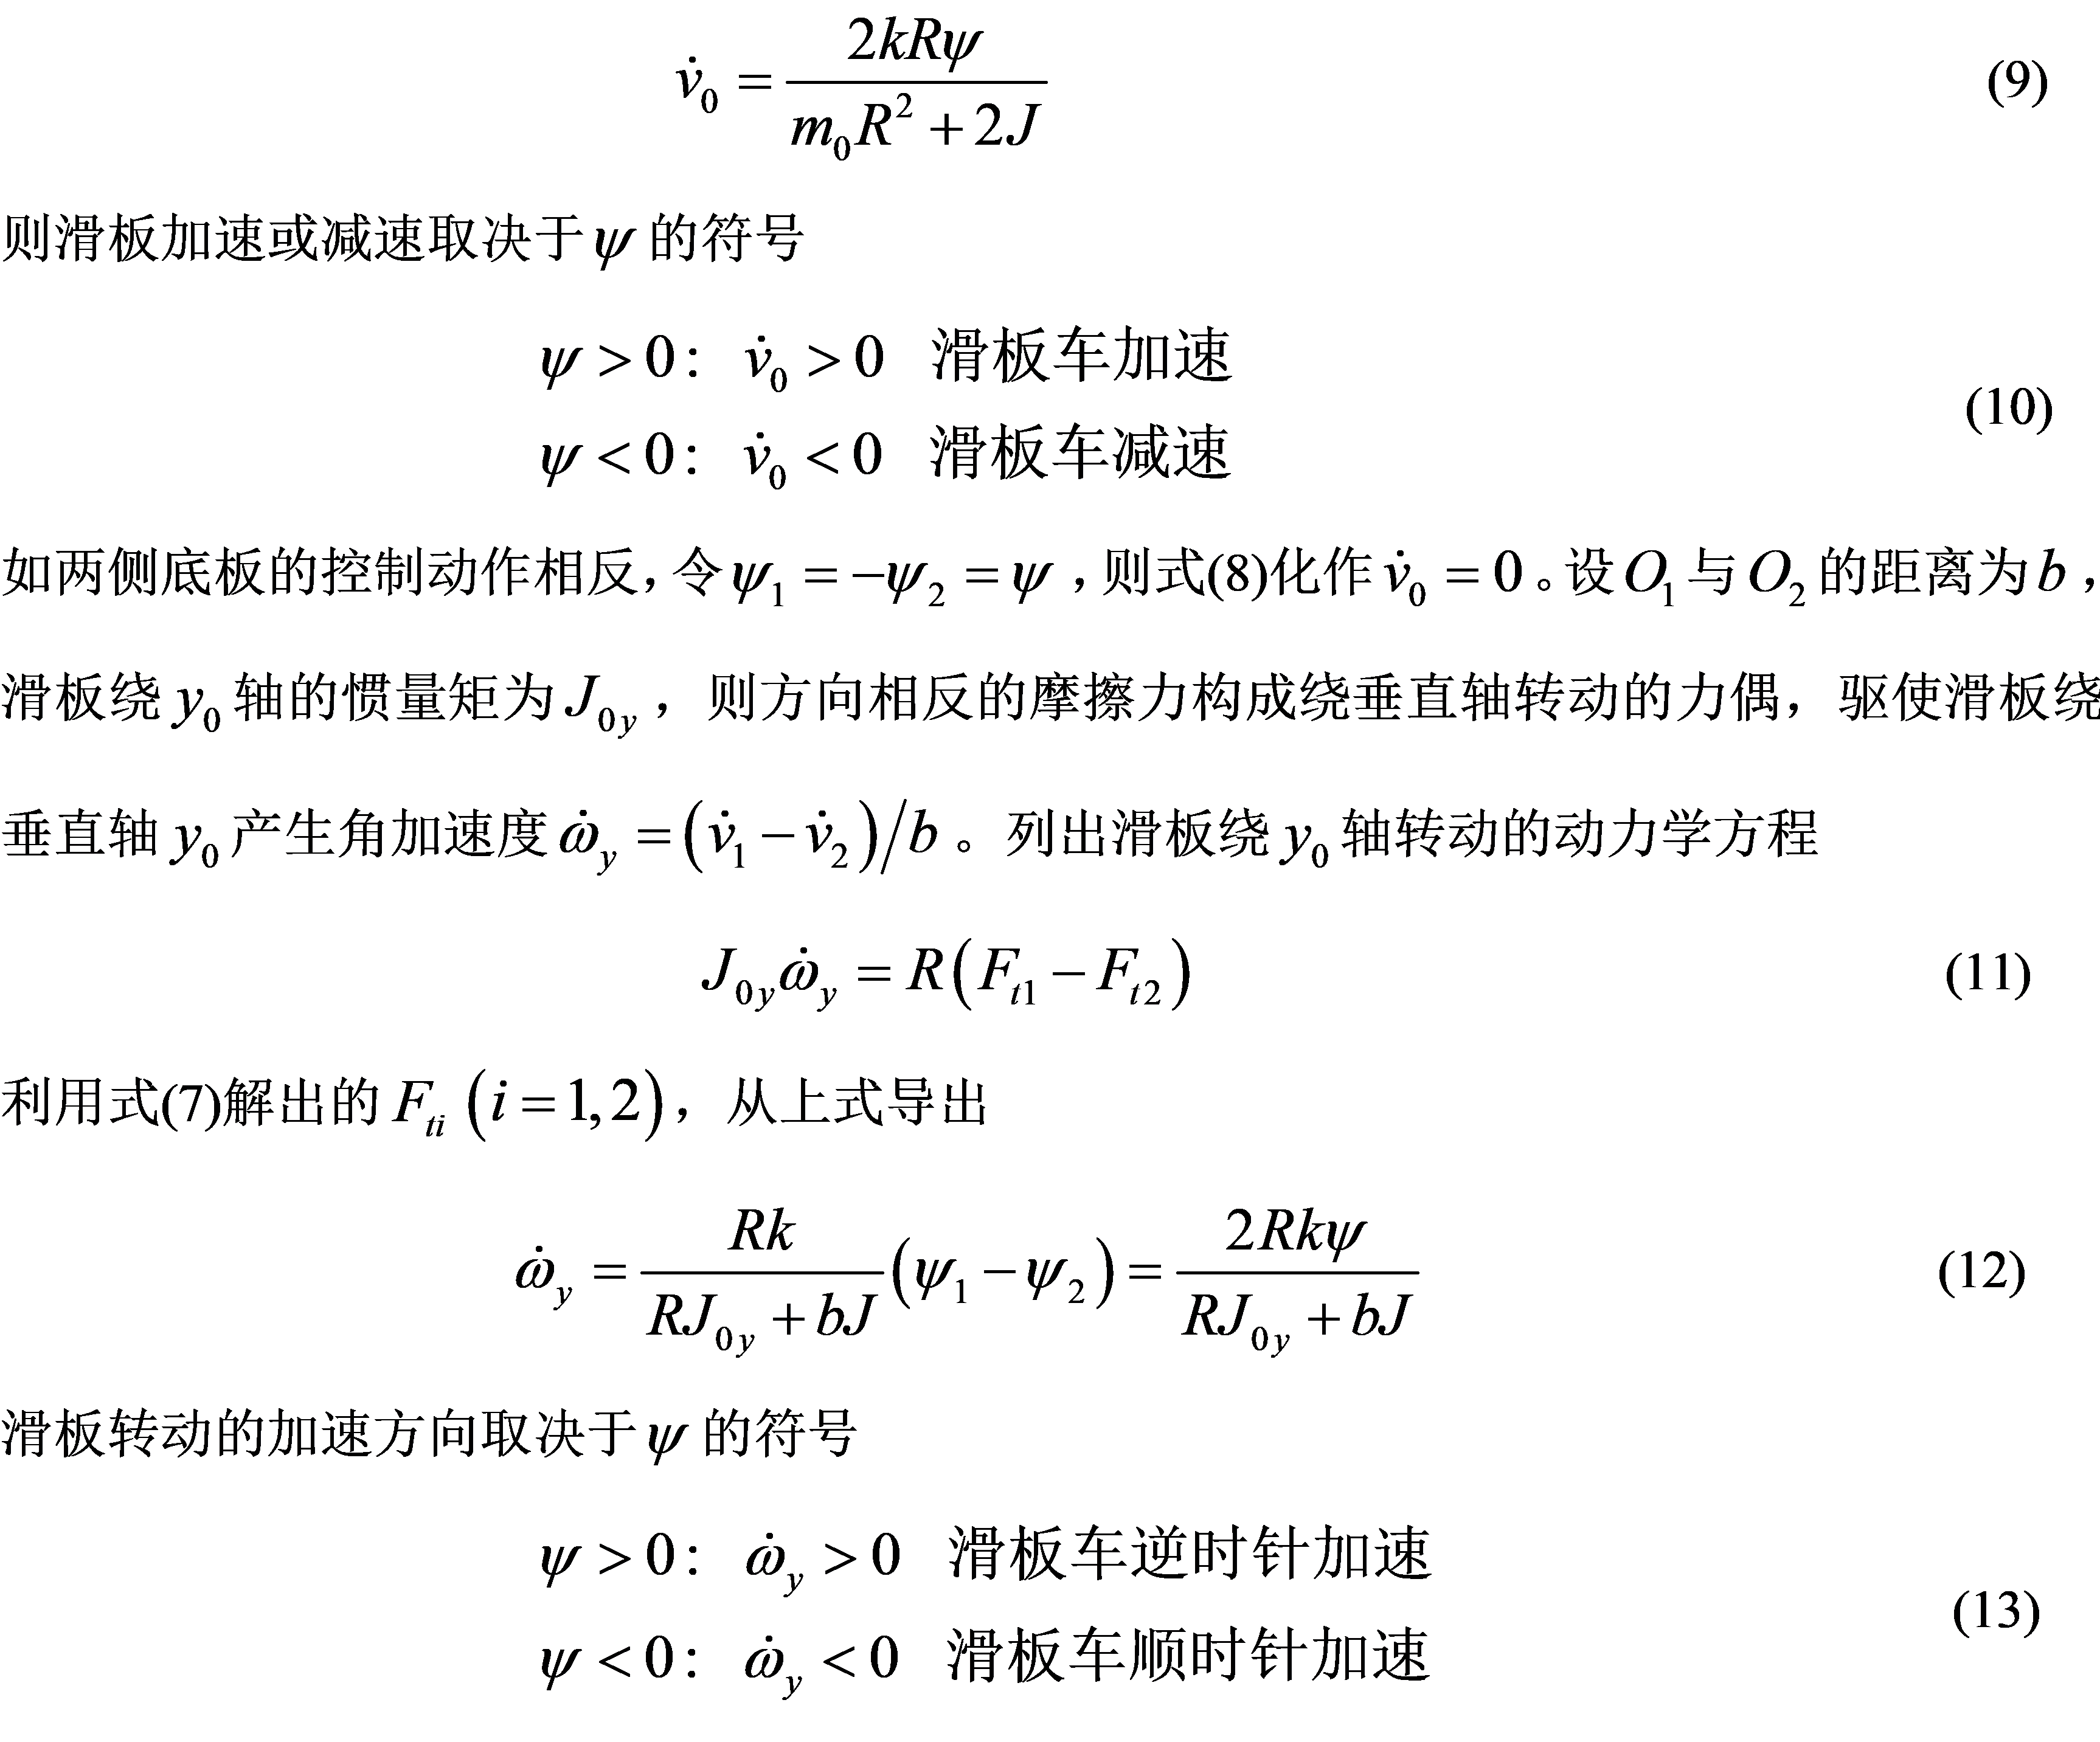 滑板车4.png